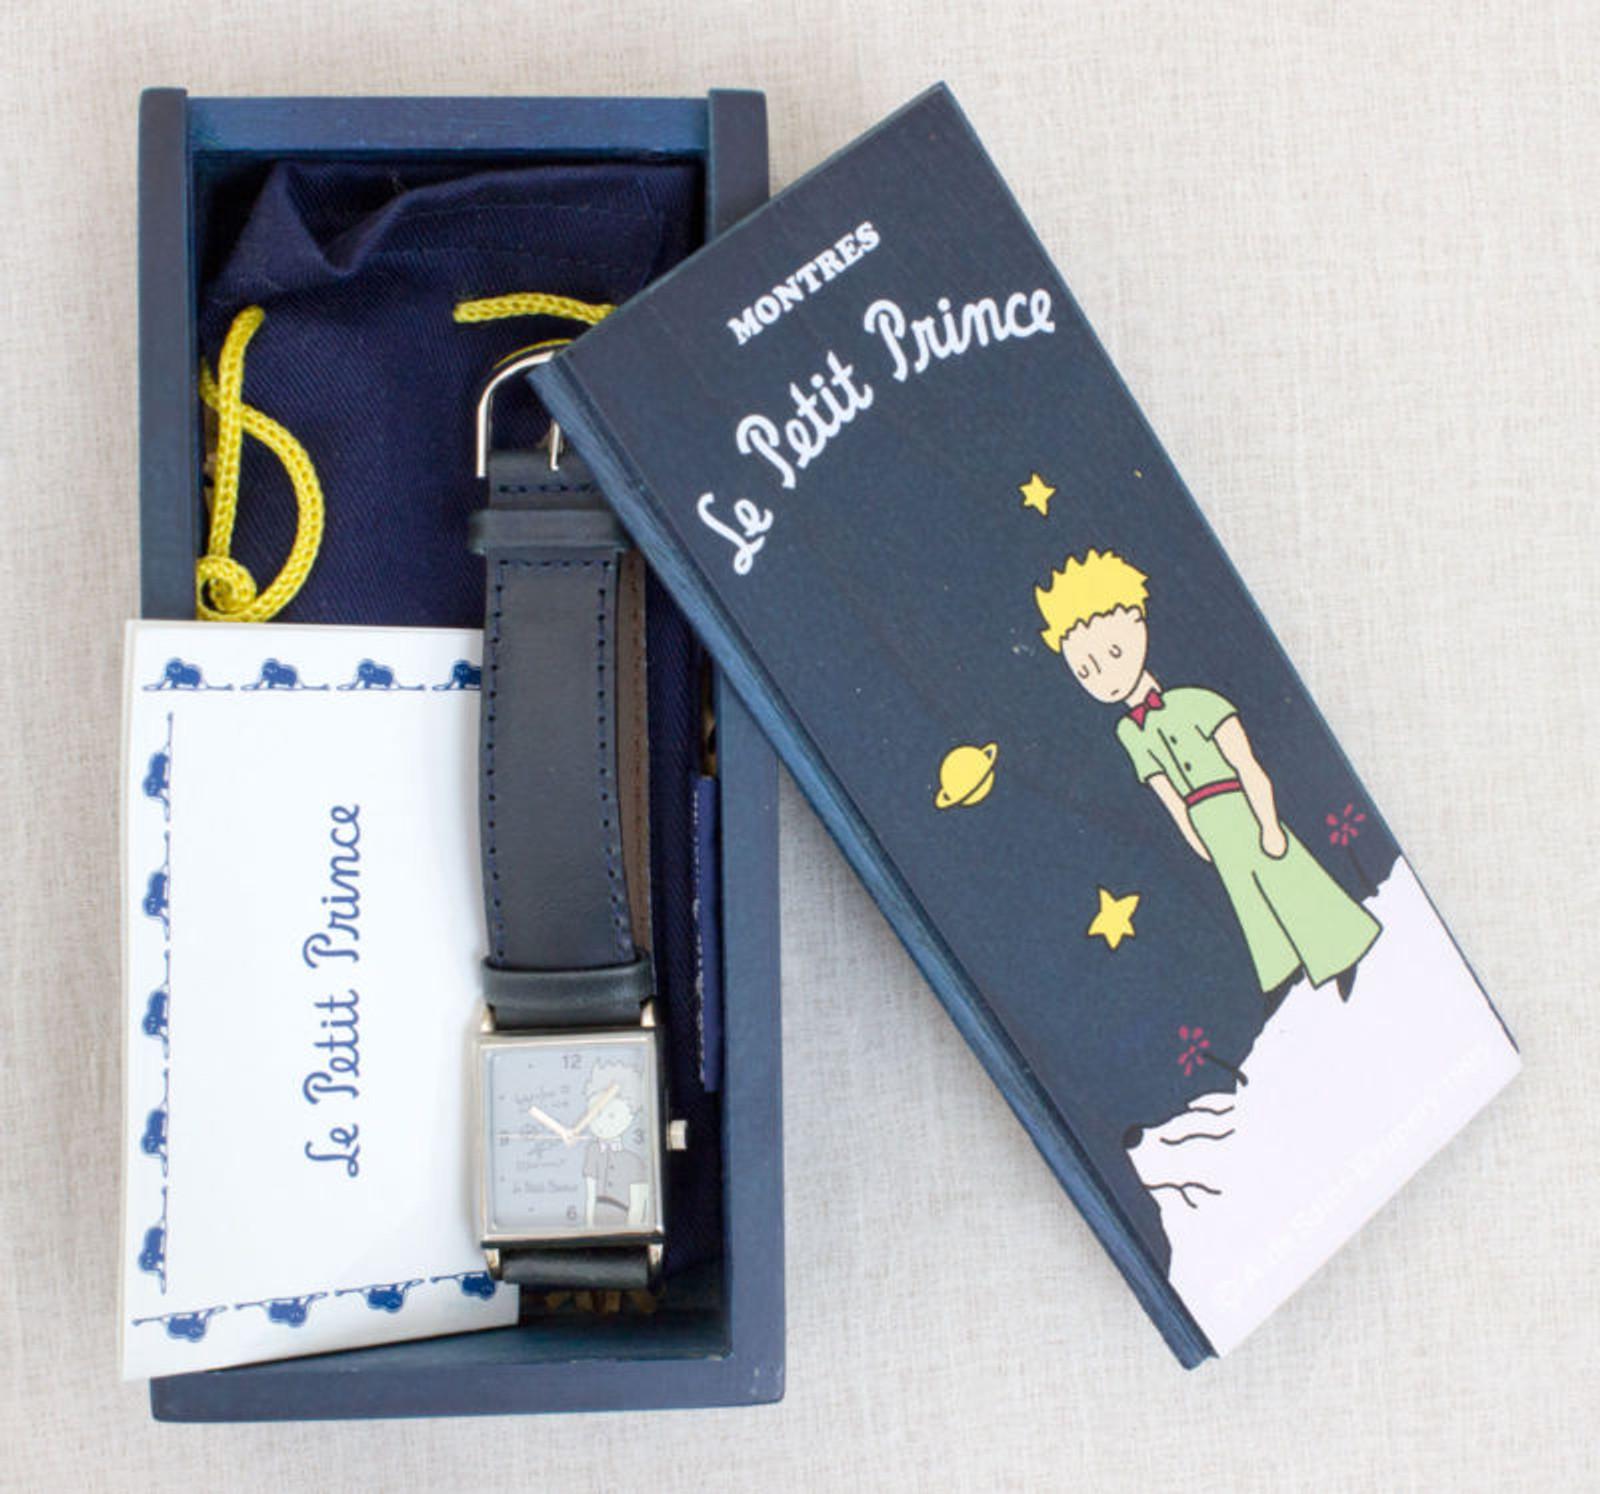 La Petit Prince Wrist Watch Montres & Wooden Case Saint Exupery 1995